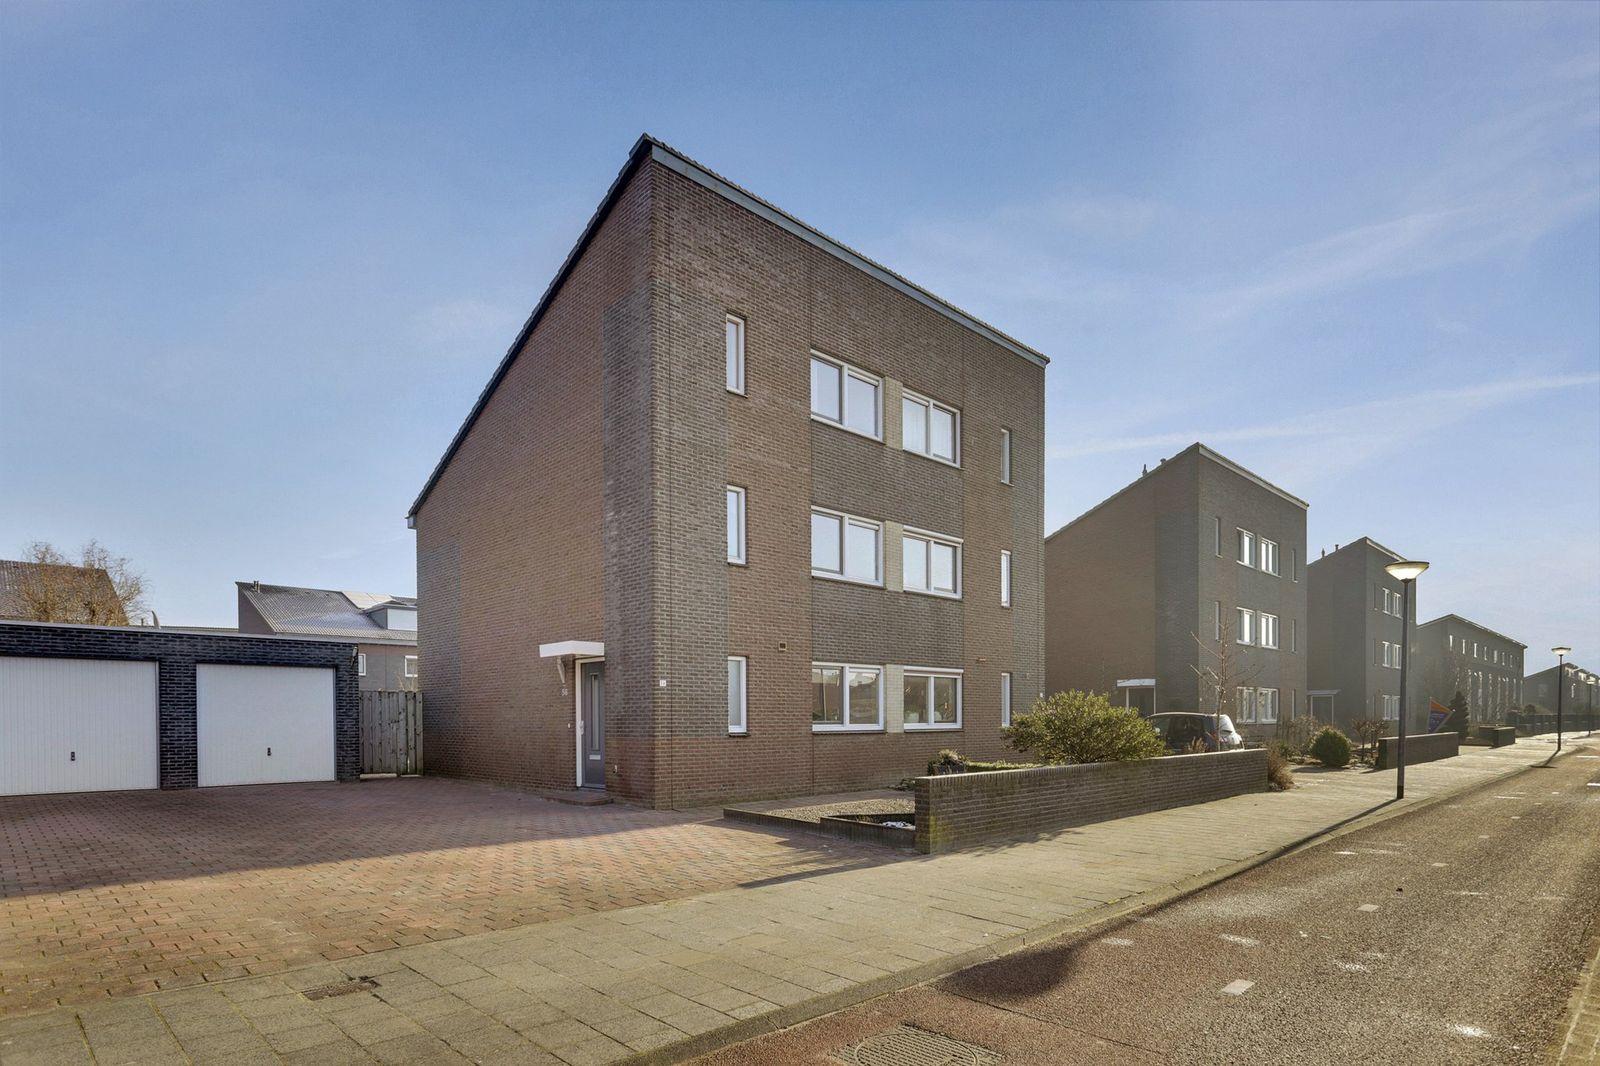 Aletta Jacobsweg 56, Assen